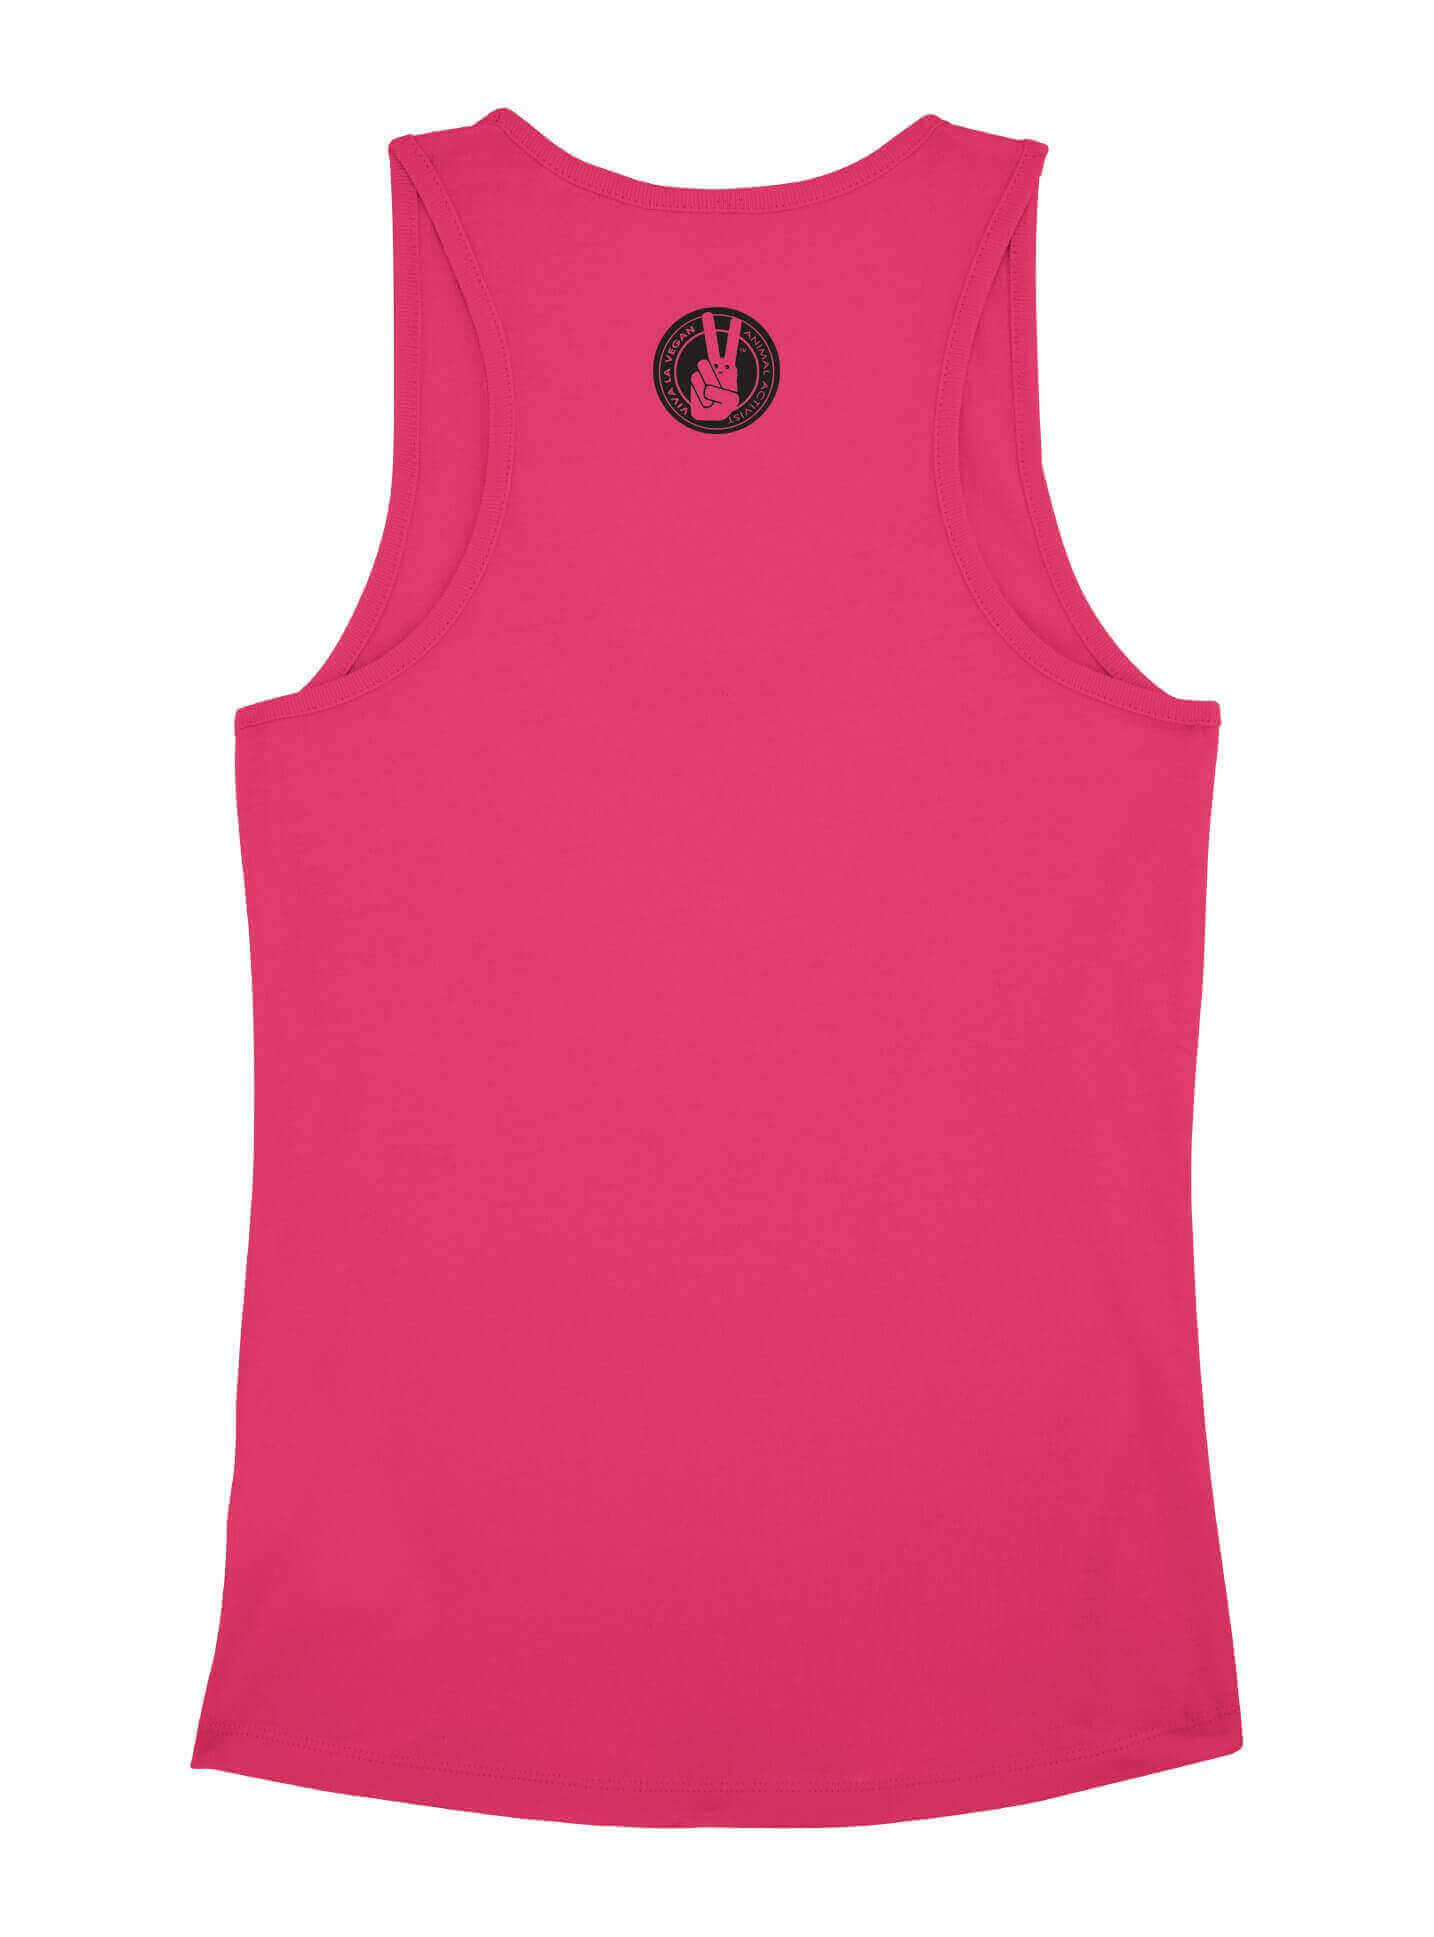 Women's Vest: Vegan Tribe: HOT PINK